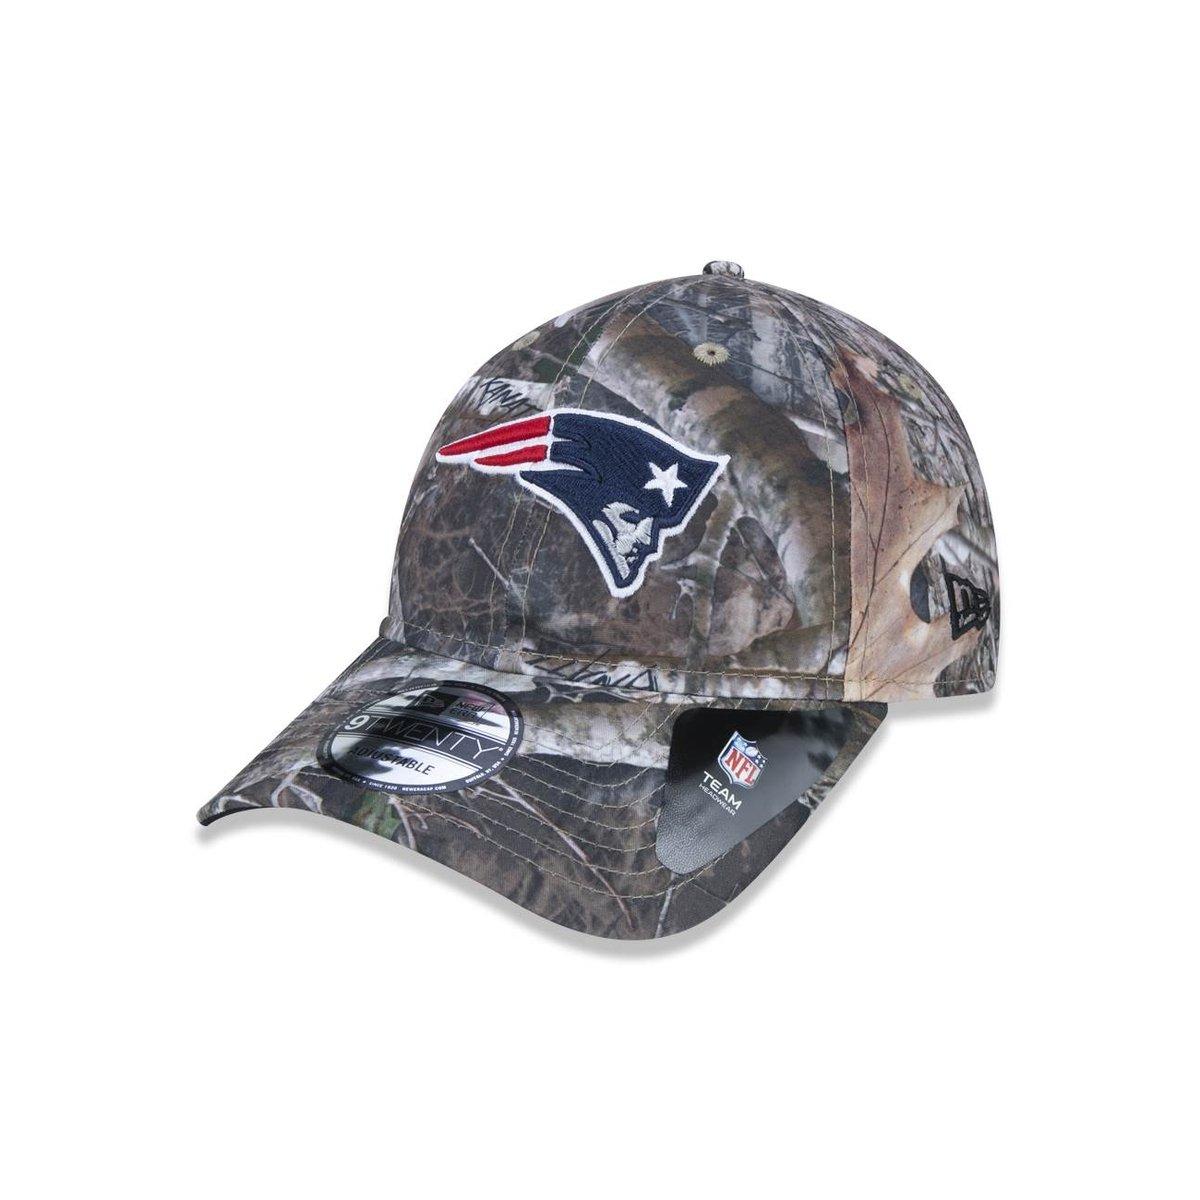 7d06da12eb6c6 Boné 920 New England Patriots NFL Aba Curva Strapback New Era - Verde  Militar - Compre Agora